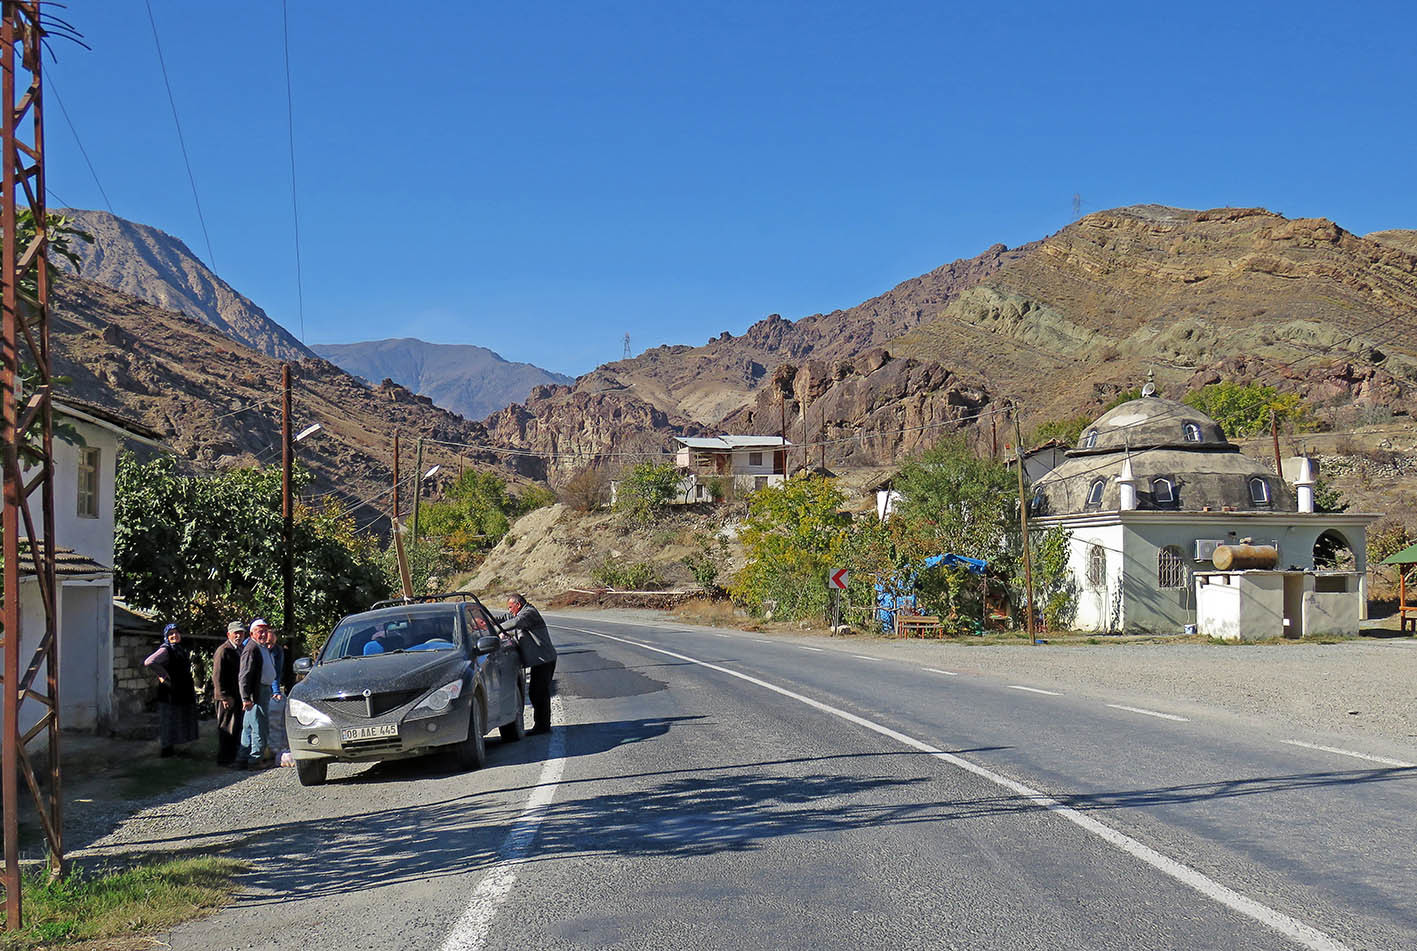 Тао - турецкая Армяногрузия. Часть 1: Ишхан и Тортум Турция,природа,дорожное,деревянное,этнография,индустриальный гигант